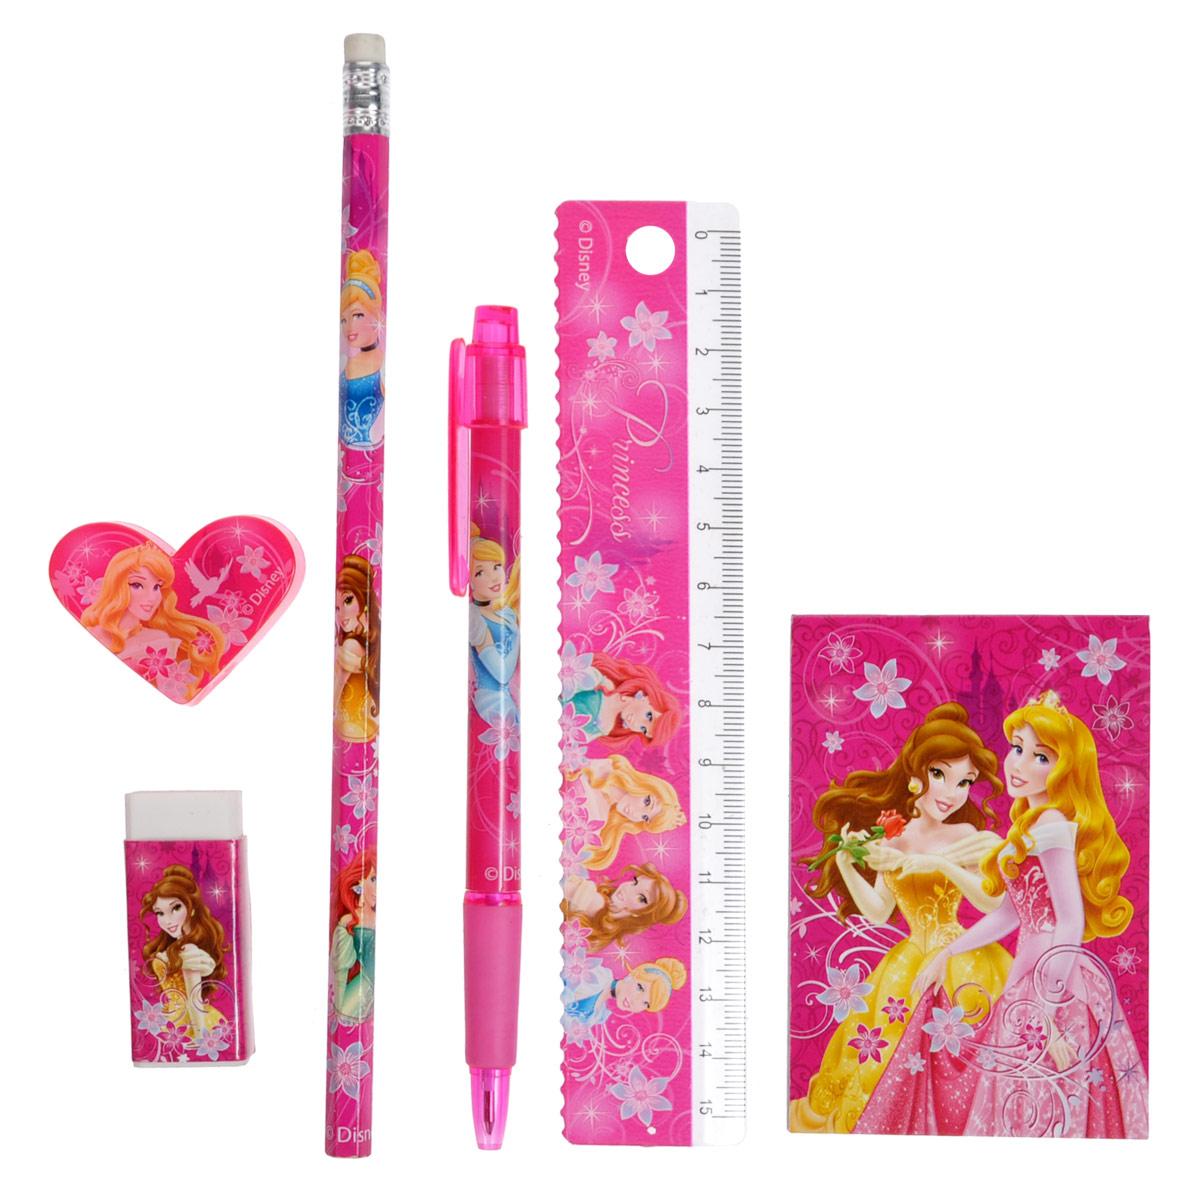 Канцелярский набор Princess, 7 предметовPRAB-US1-75409-HКанцелярский набор Princess станет незаменимым атрибутом в учебе любой школьницы.Он включает в себя пластиковый пенал, чернографитный карандаш с ластиком, автоматическую ручку, ластик, точилку, пластиковую линейку 15 см и небольшой блокнотик. Пенал снабжен поднимающейся подставкой для пишущих принадлежностей. Он раскрывается в центре, секции разворачиваются, и пенал можно использовать в качестве стакана для канцелярских принадлежностей.Ручка снабжена прорезиненной вставкой в области захвата, подача стержня производится путем нажатия на кнопку в верхней части ручки.Блокнотик снабжен картонной обложкой, внутренний блок содержит листы с печатью.Все предметы набора оформлены изображениями диснеевских принцесс Золушки, Белль, Ариэль и Авроры.